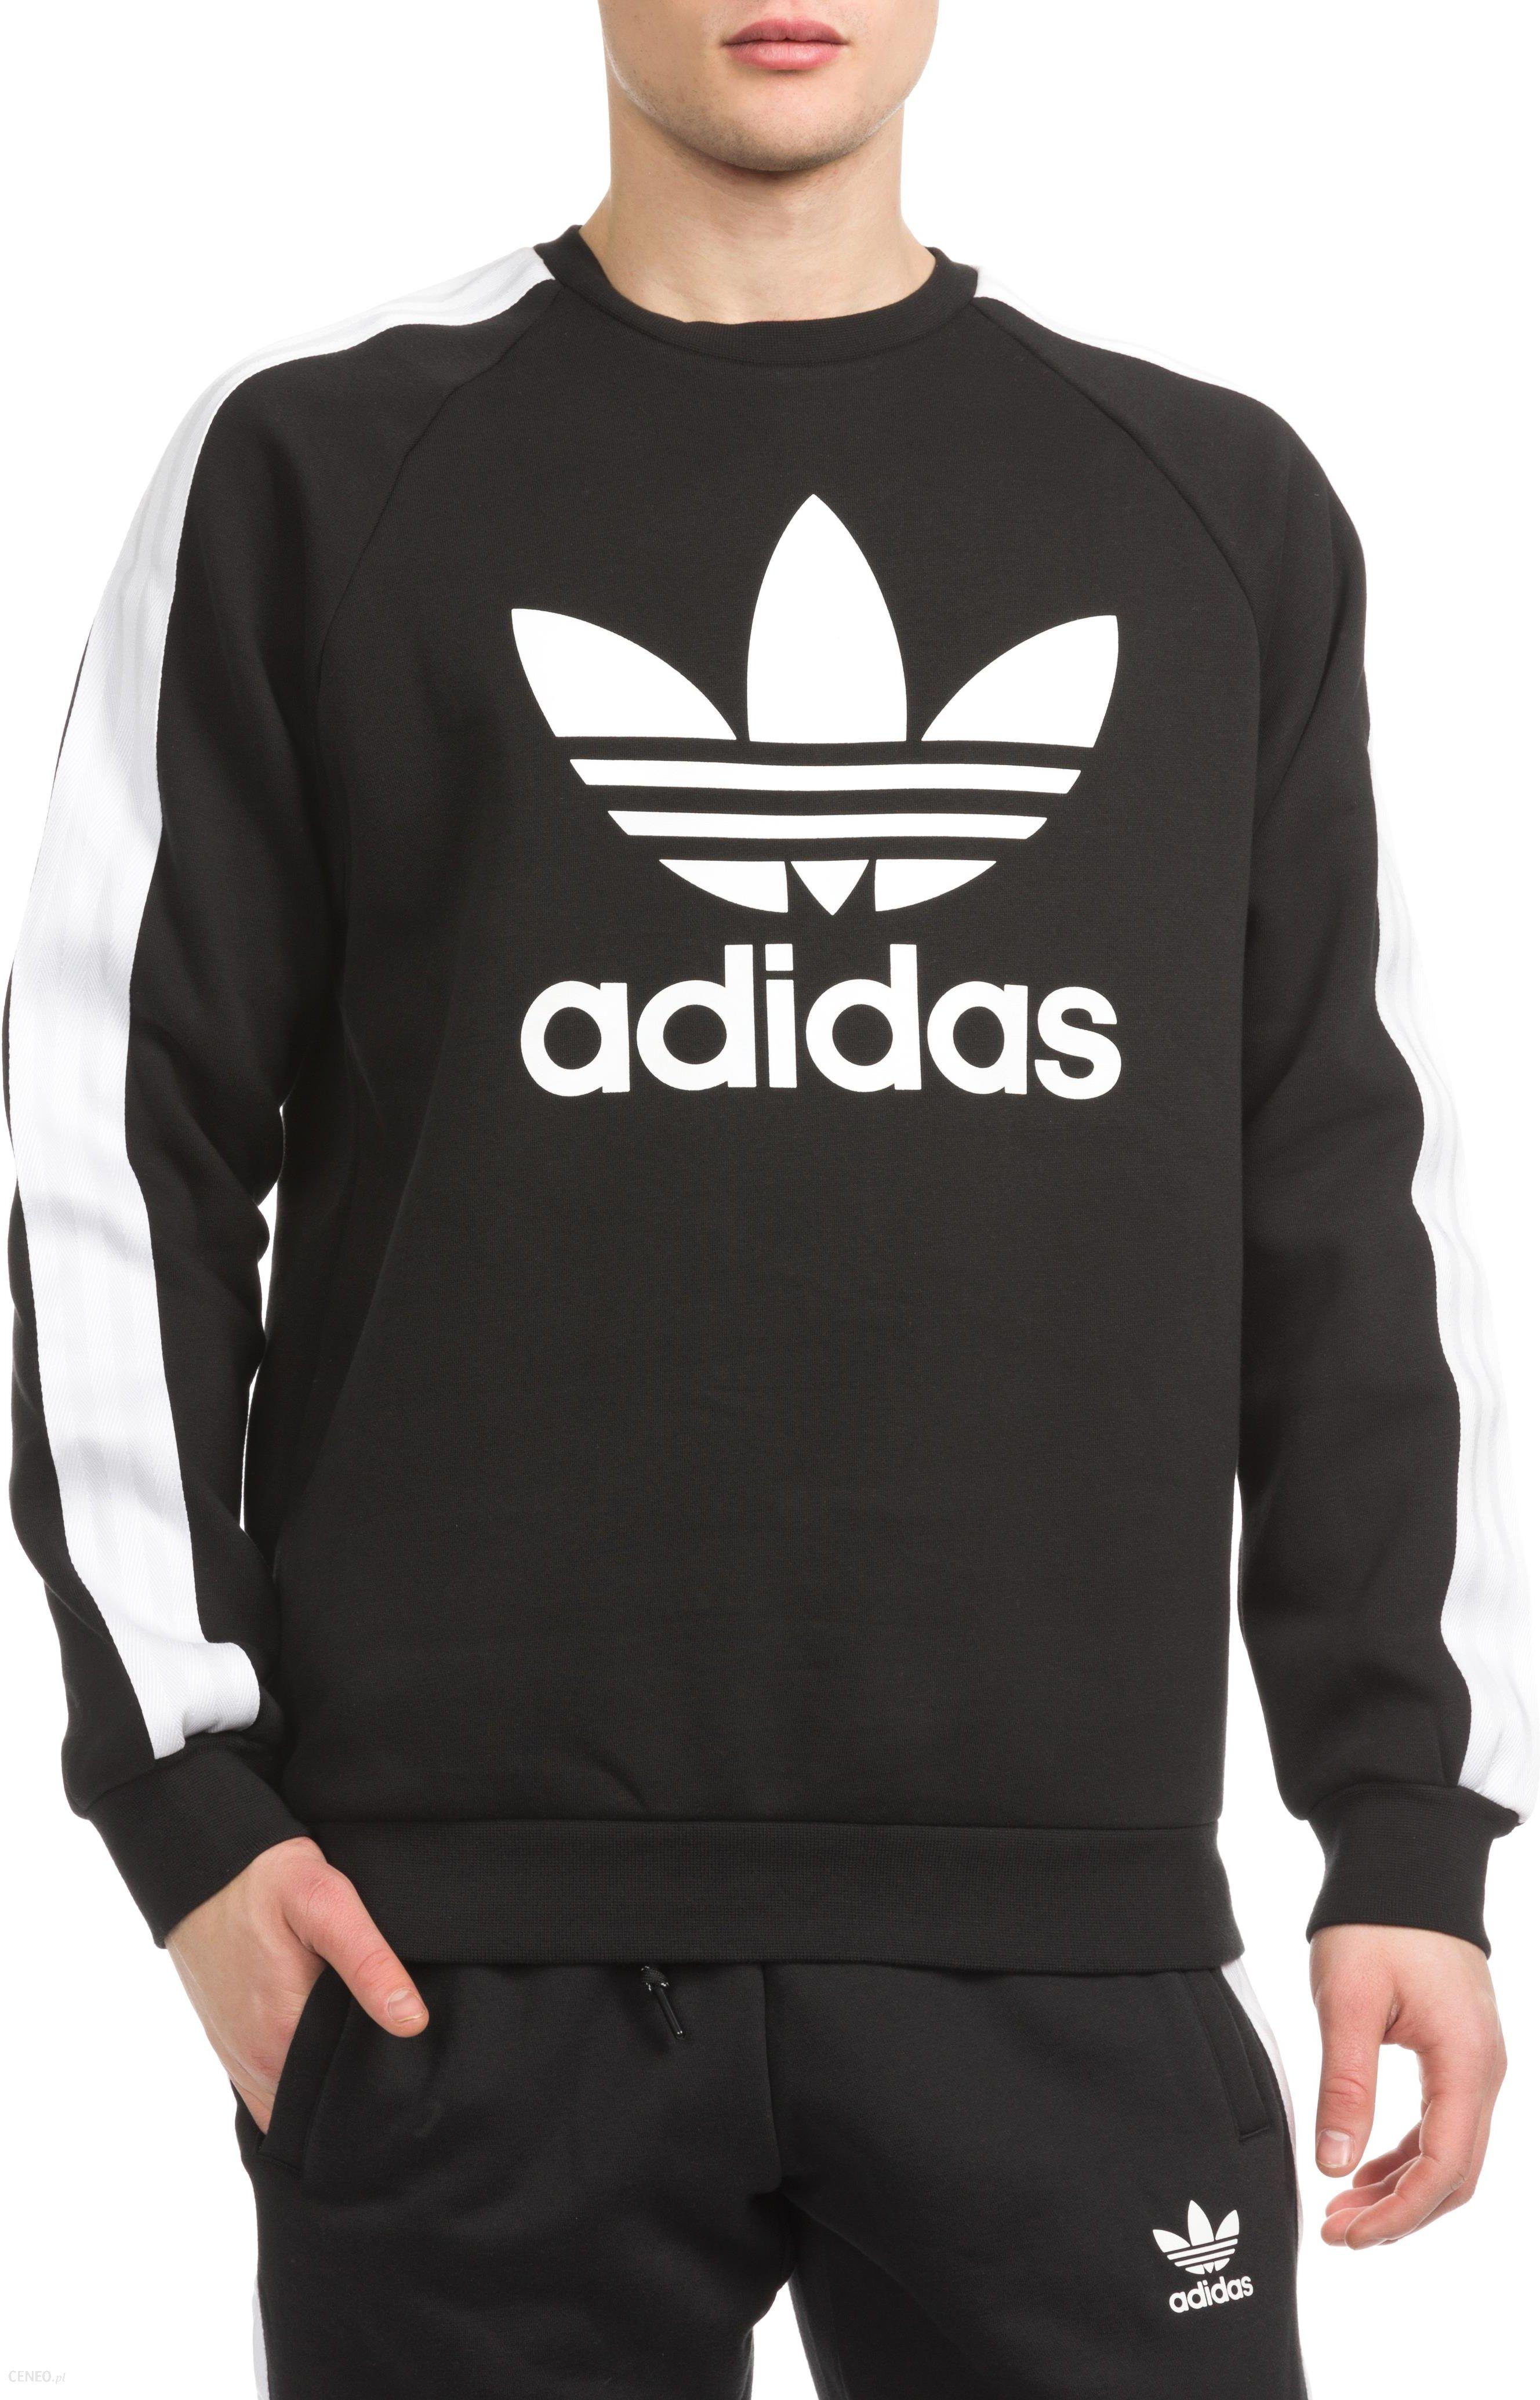 adidas Originals Berlin Crew Bluza Czarny XXL